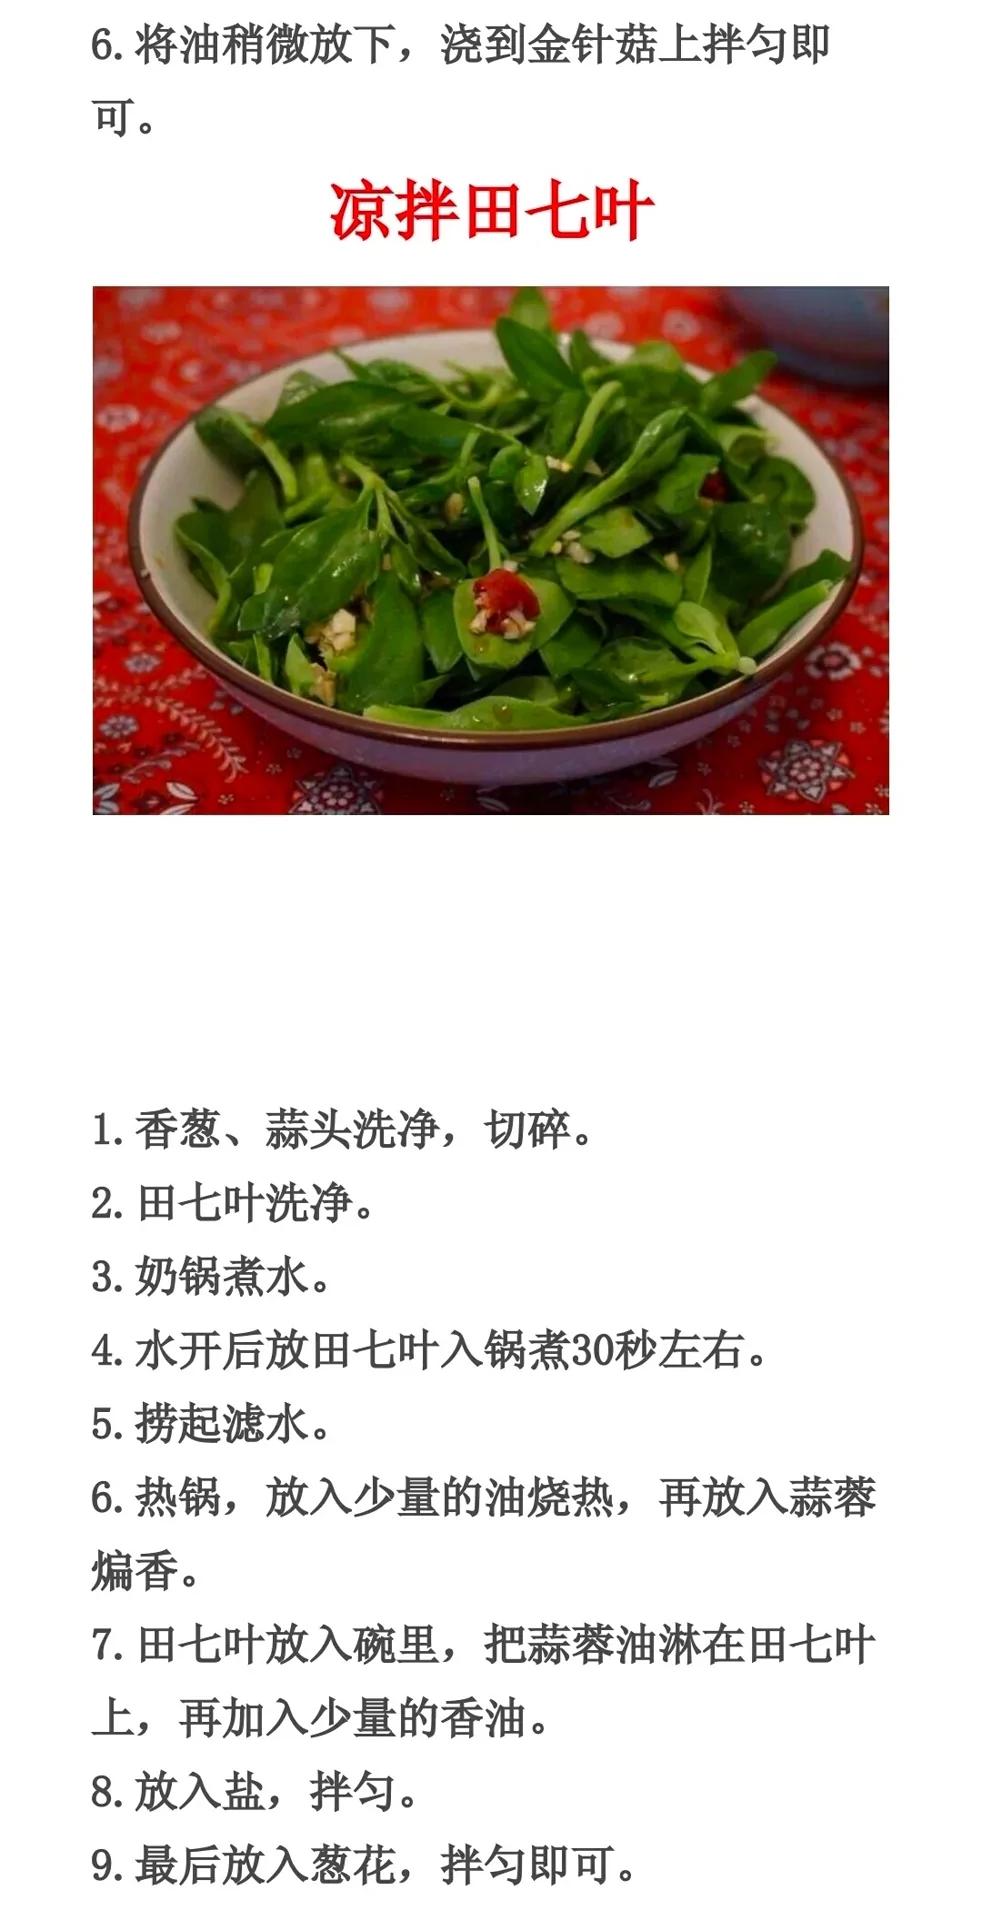 凉拌菜做法及配料 美食做法 第13张